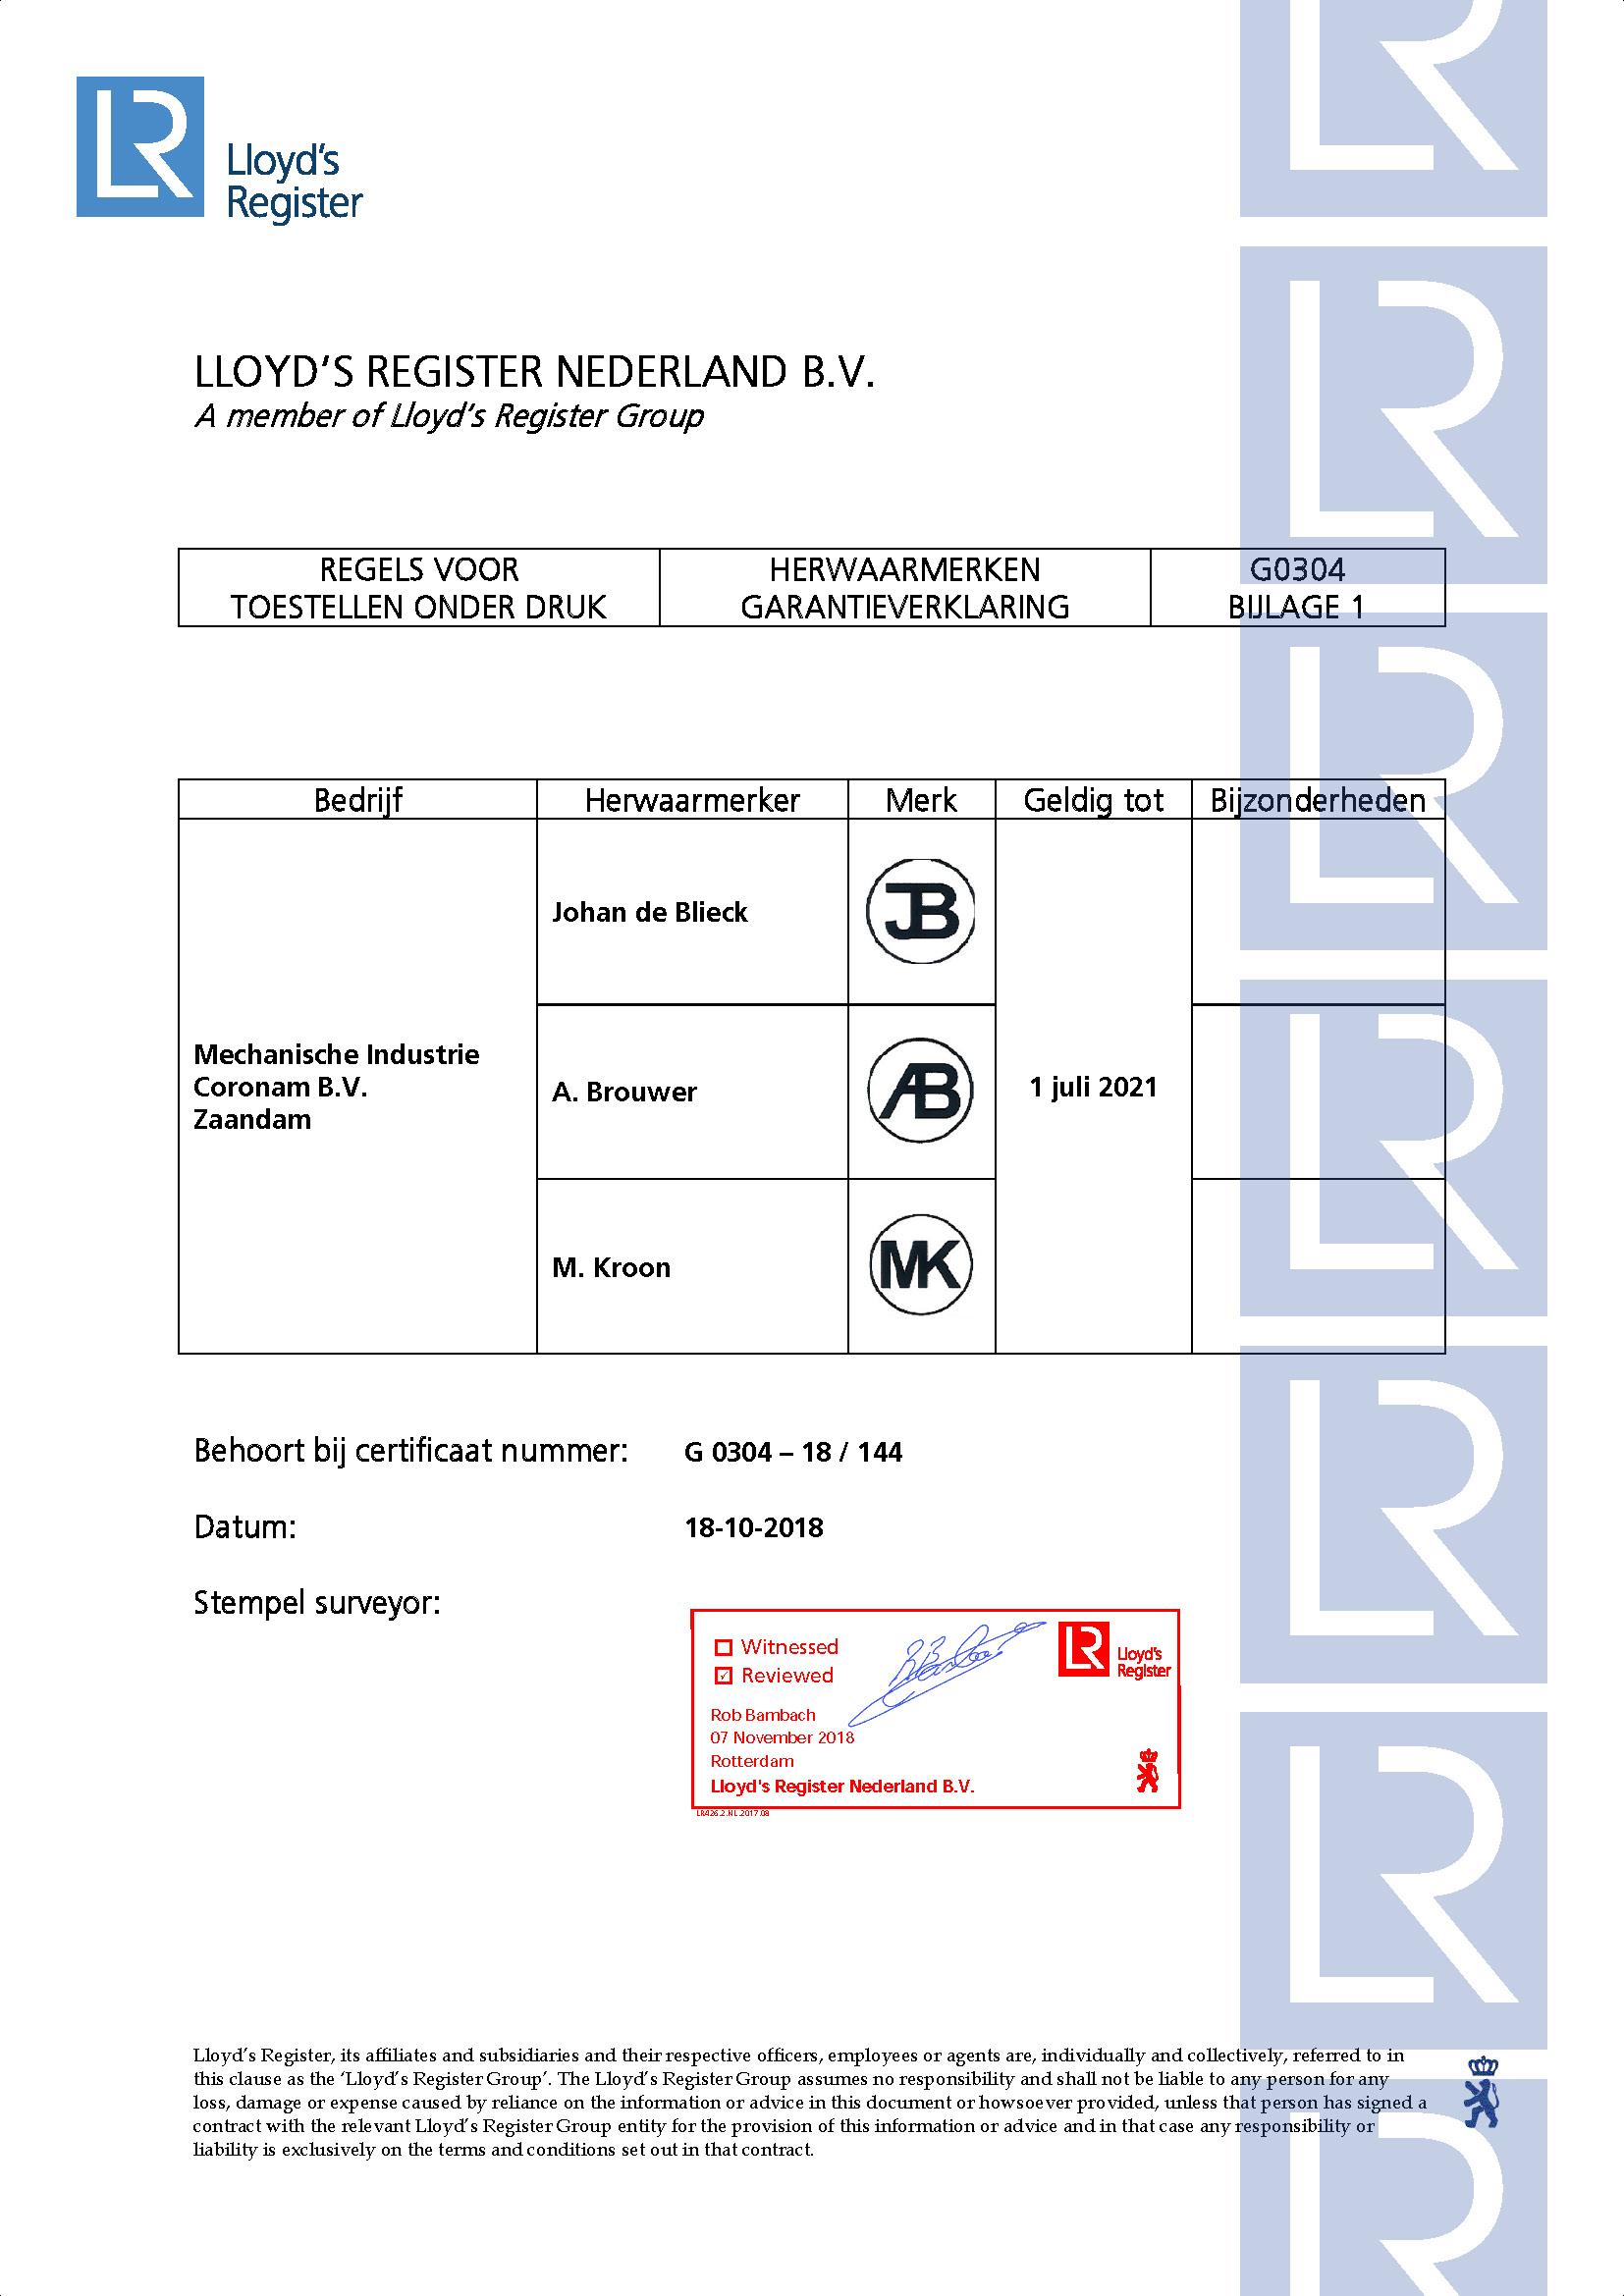 Mechanische Industrie Coronam BV Certificaat G0304 18-10-2018_Pagina_2